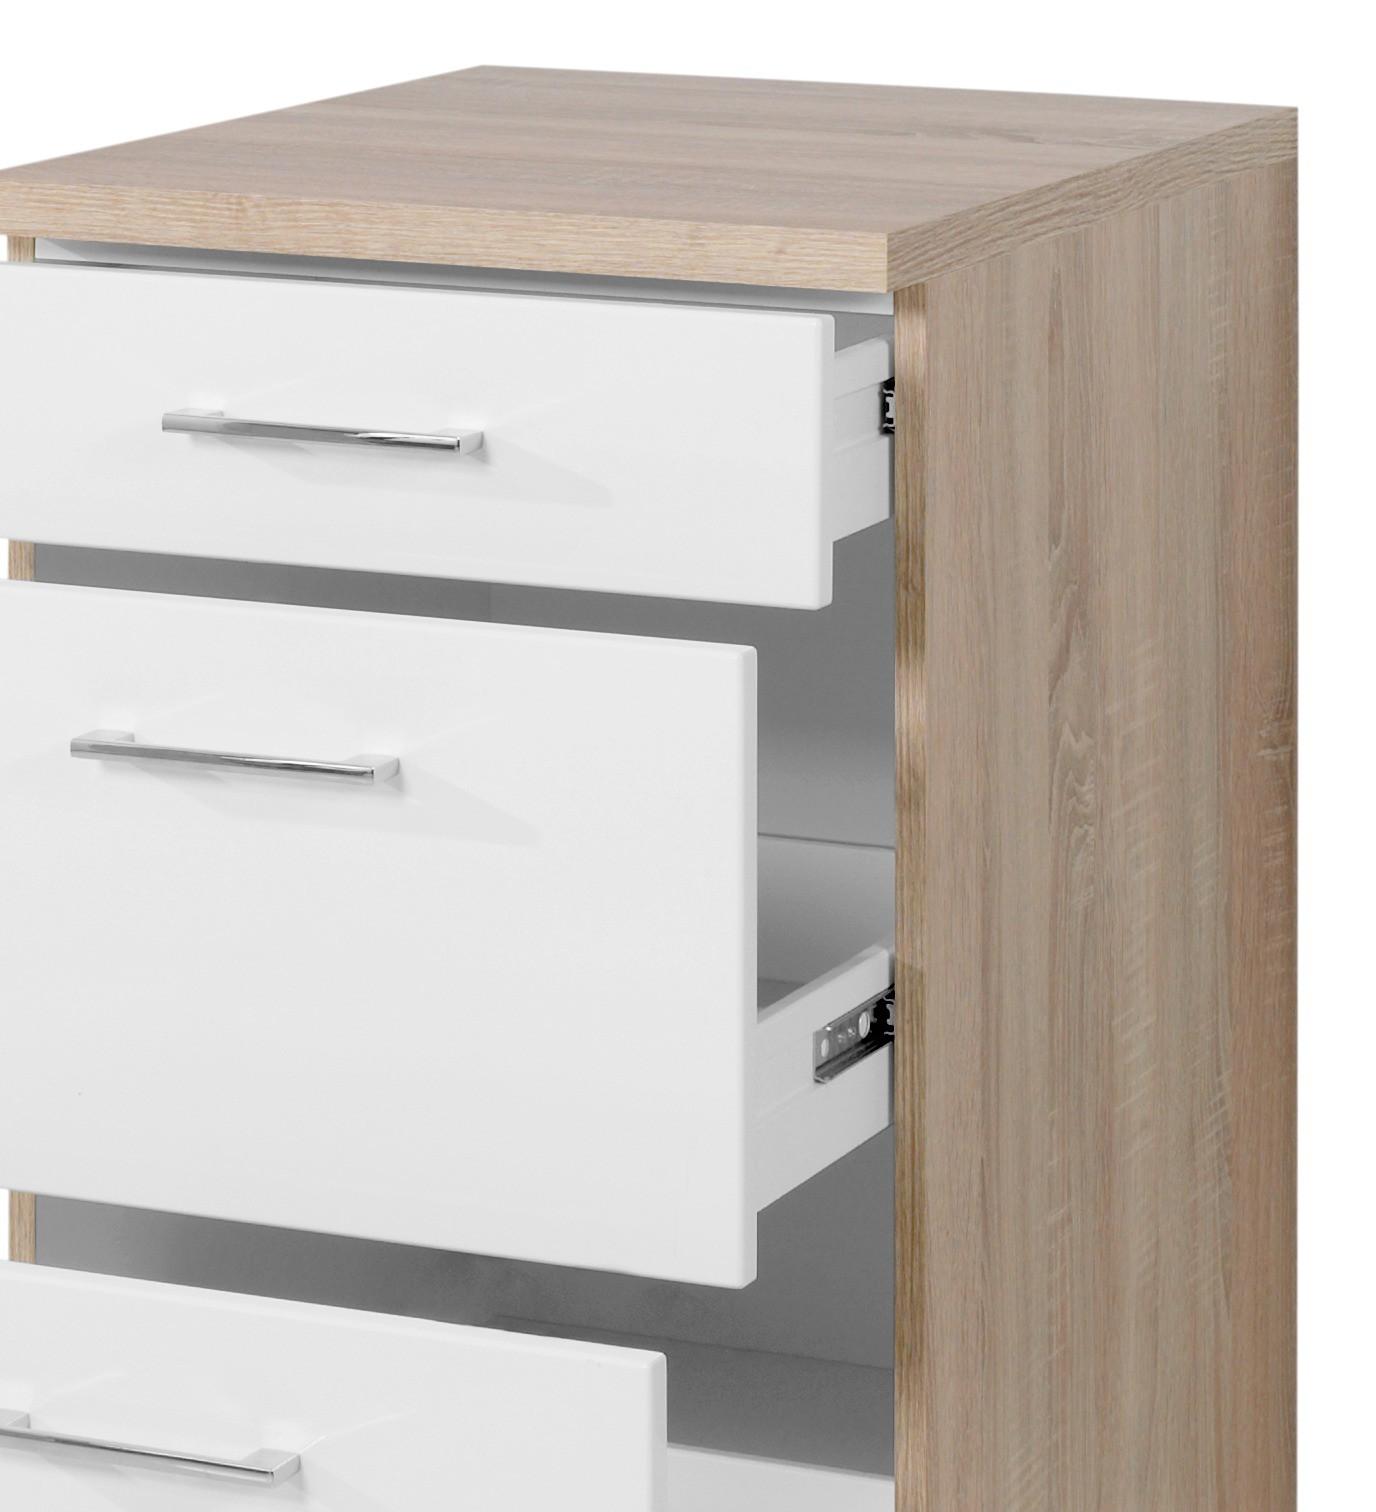 Full Size of Küchenunterschrank Kchen Unterschrank Lissabon 3 Schubladen 50 Cm Breit Wohnzimmer Küchenunterschrank